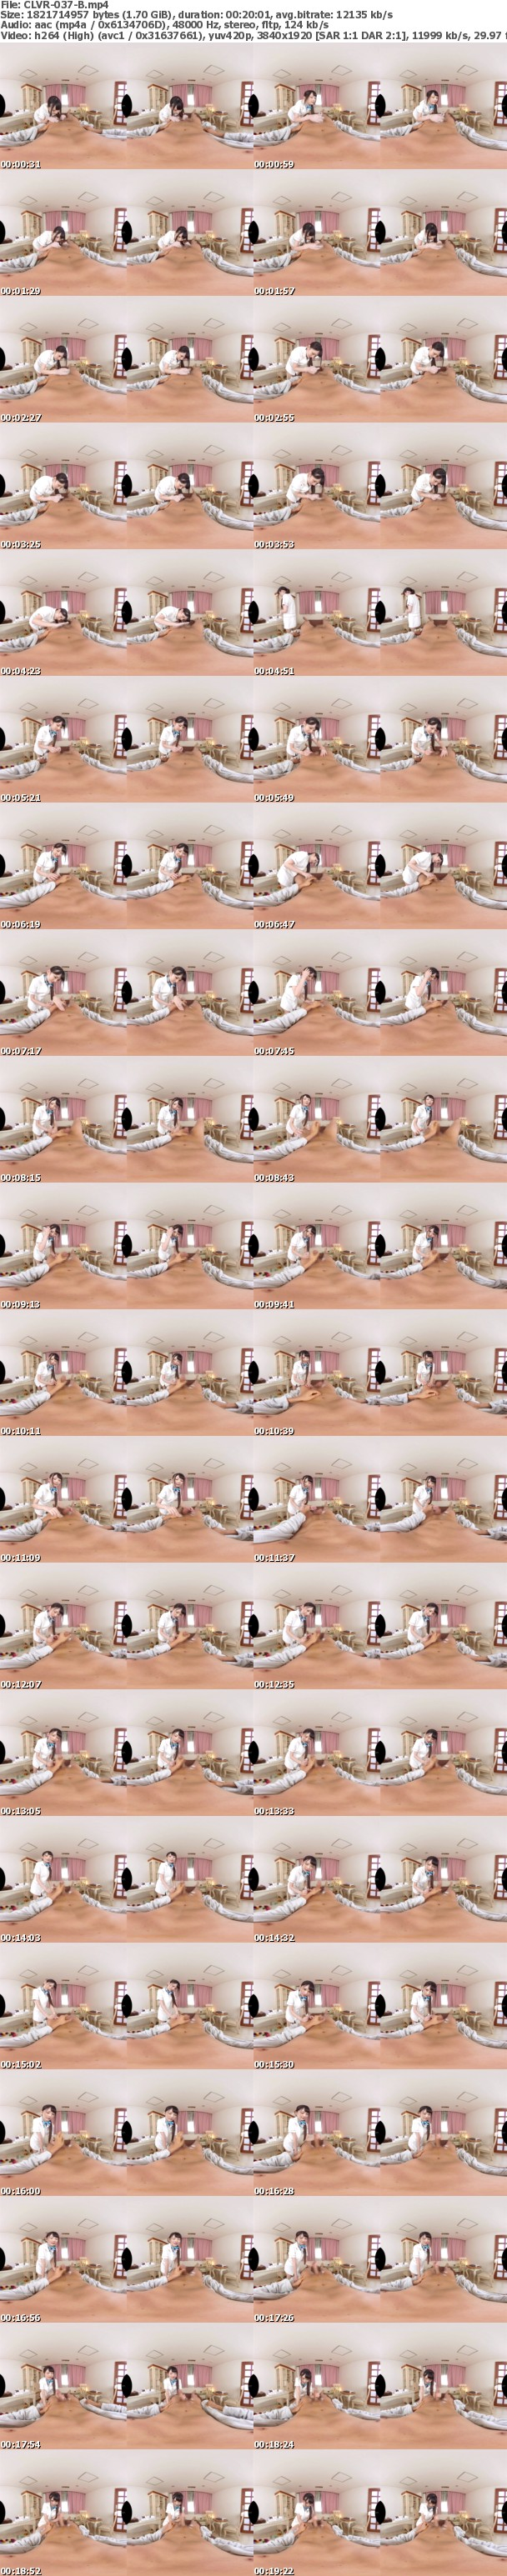 VR/3D CLVR-037 「痛い?恥ずかしい?だがそれがキモチイイ!!」 メンズ脱毛サロンでフルボッキチ○ポを見せつけたらHPに顔出ししていた美人スタッフとSEXできるのか!? 【美容業界のグレーゾーンに潜入×検証VR】